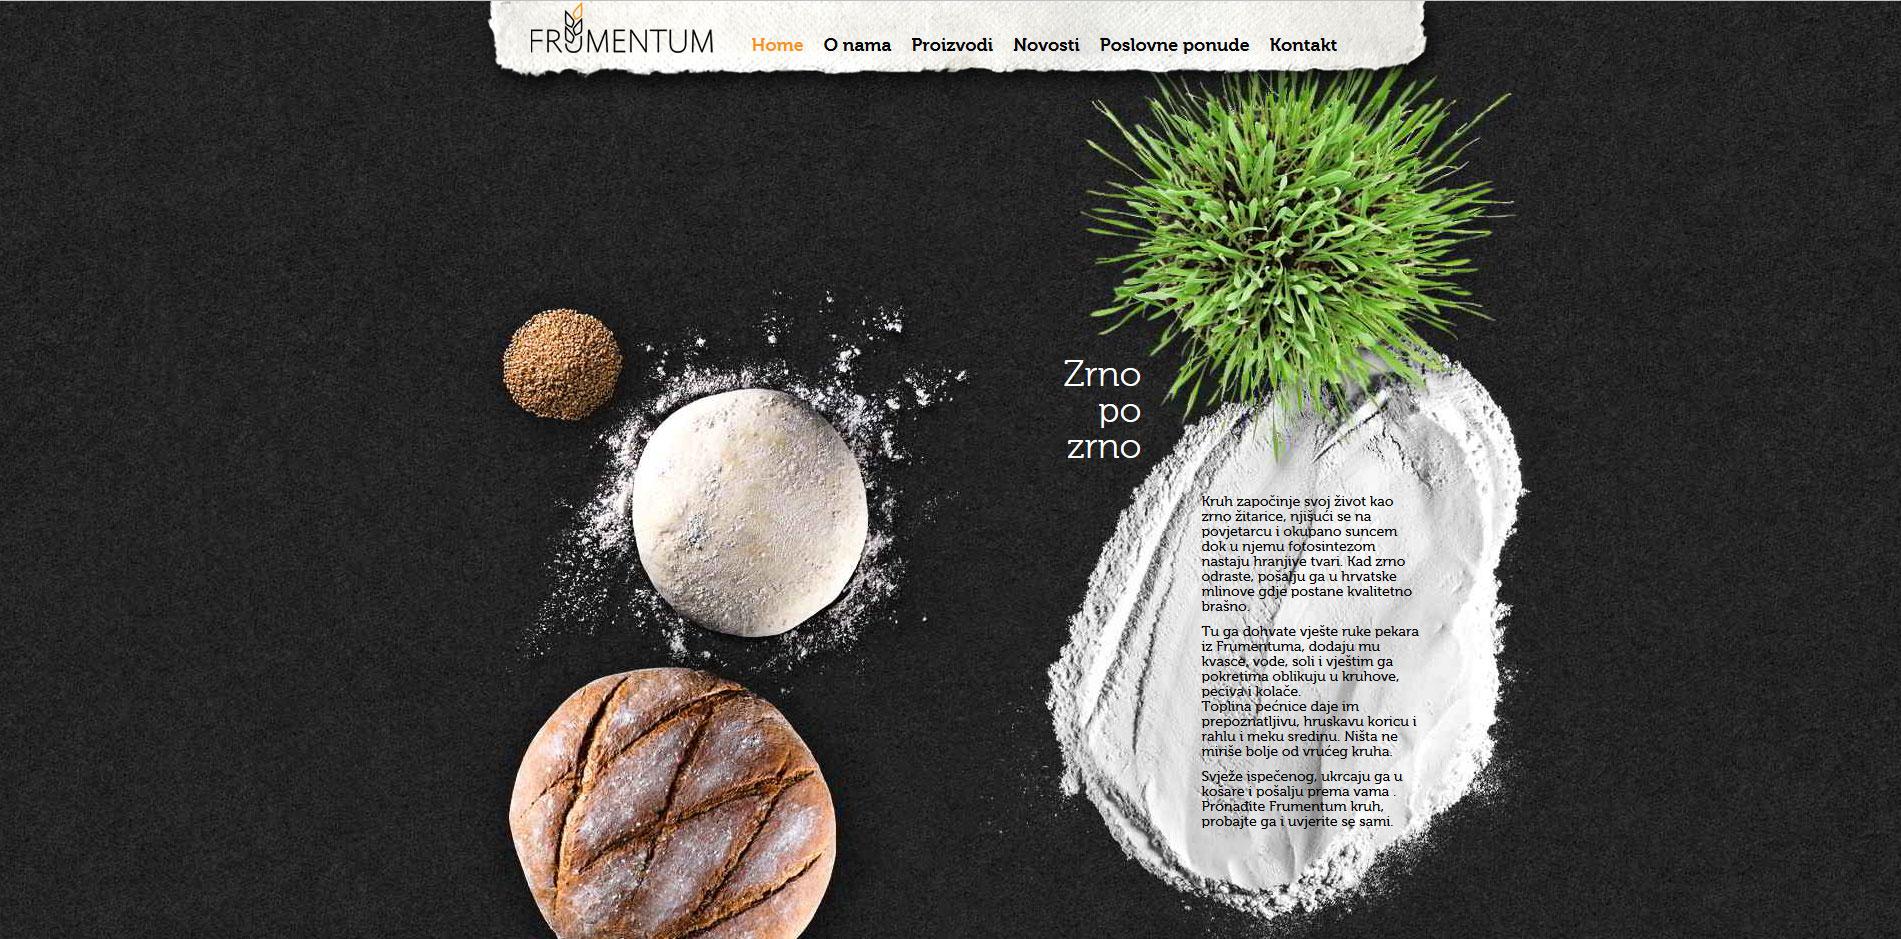 masavukmanovic.com - frumentum pekare - brendiranje 04